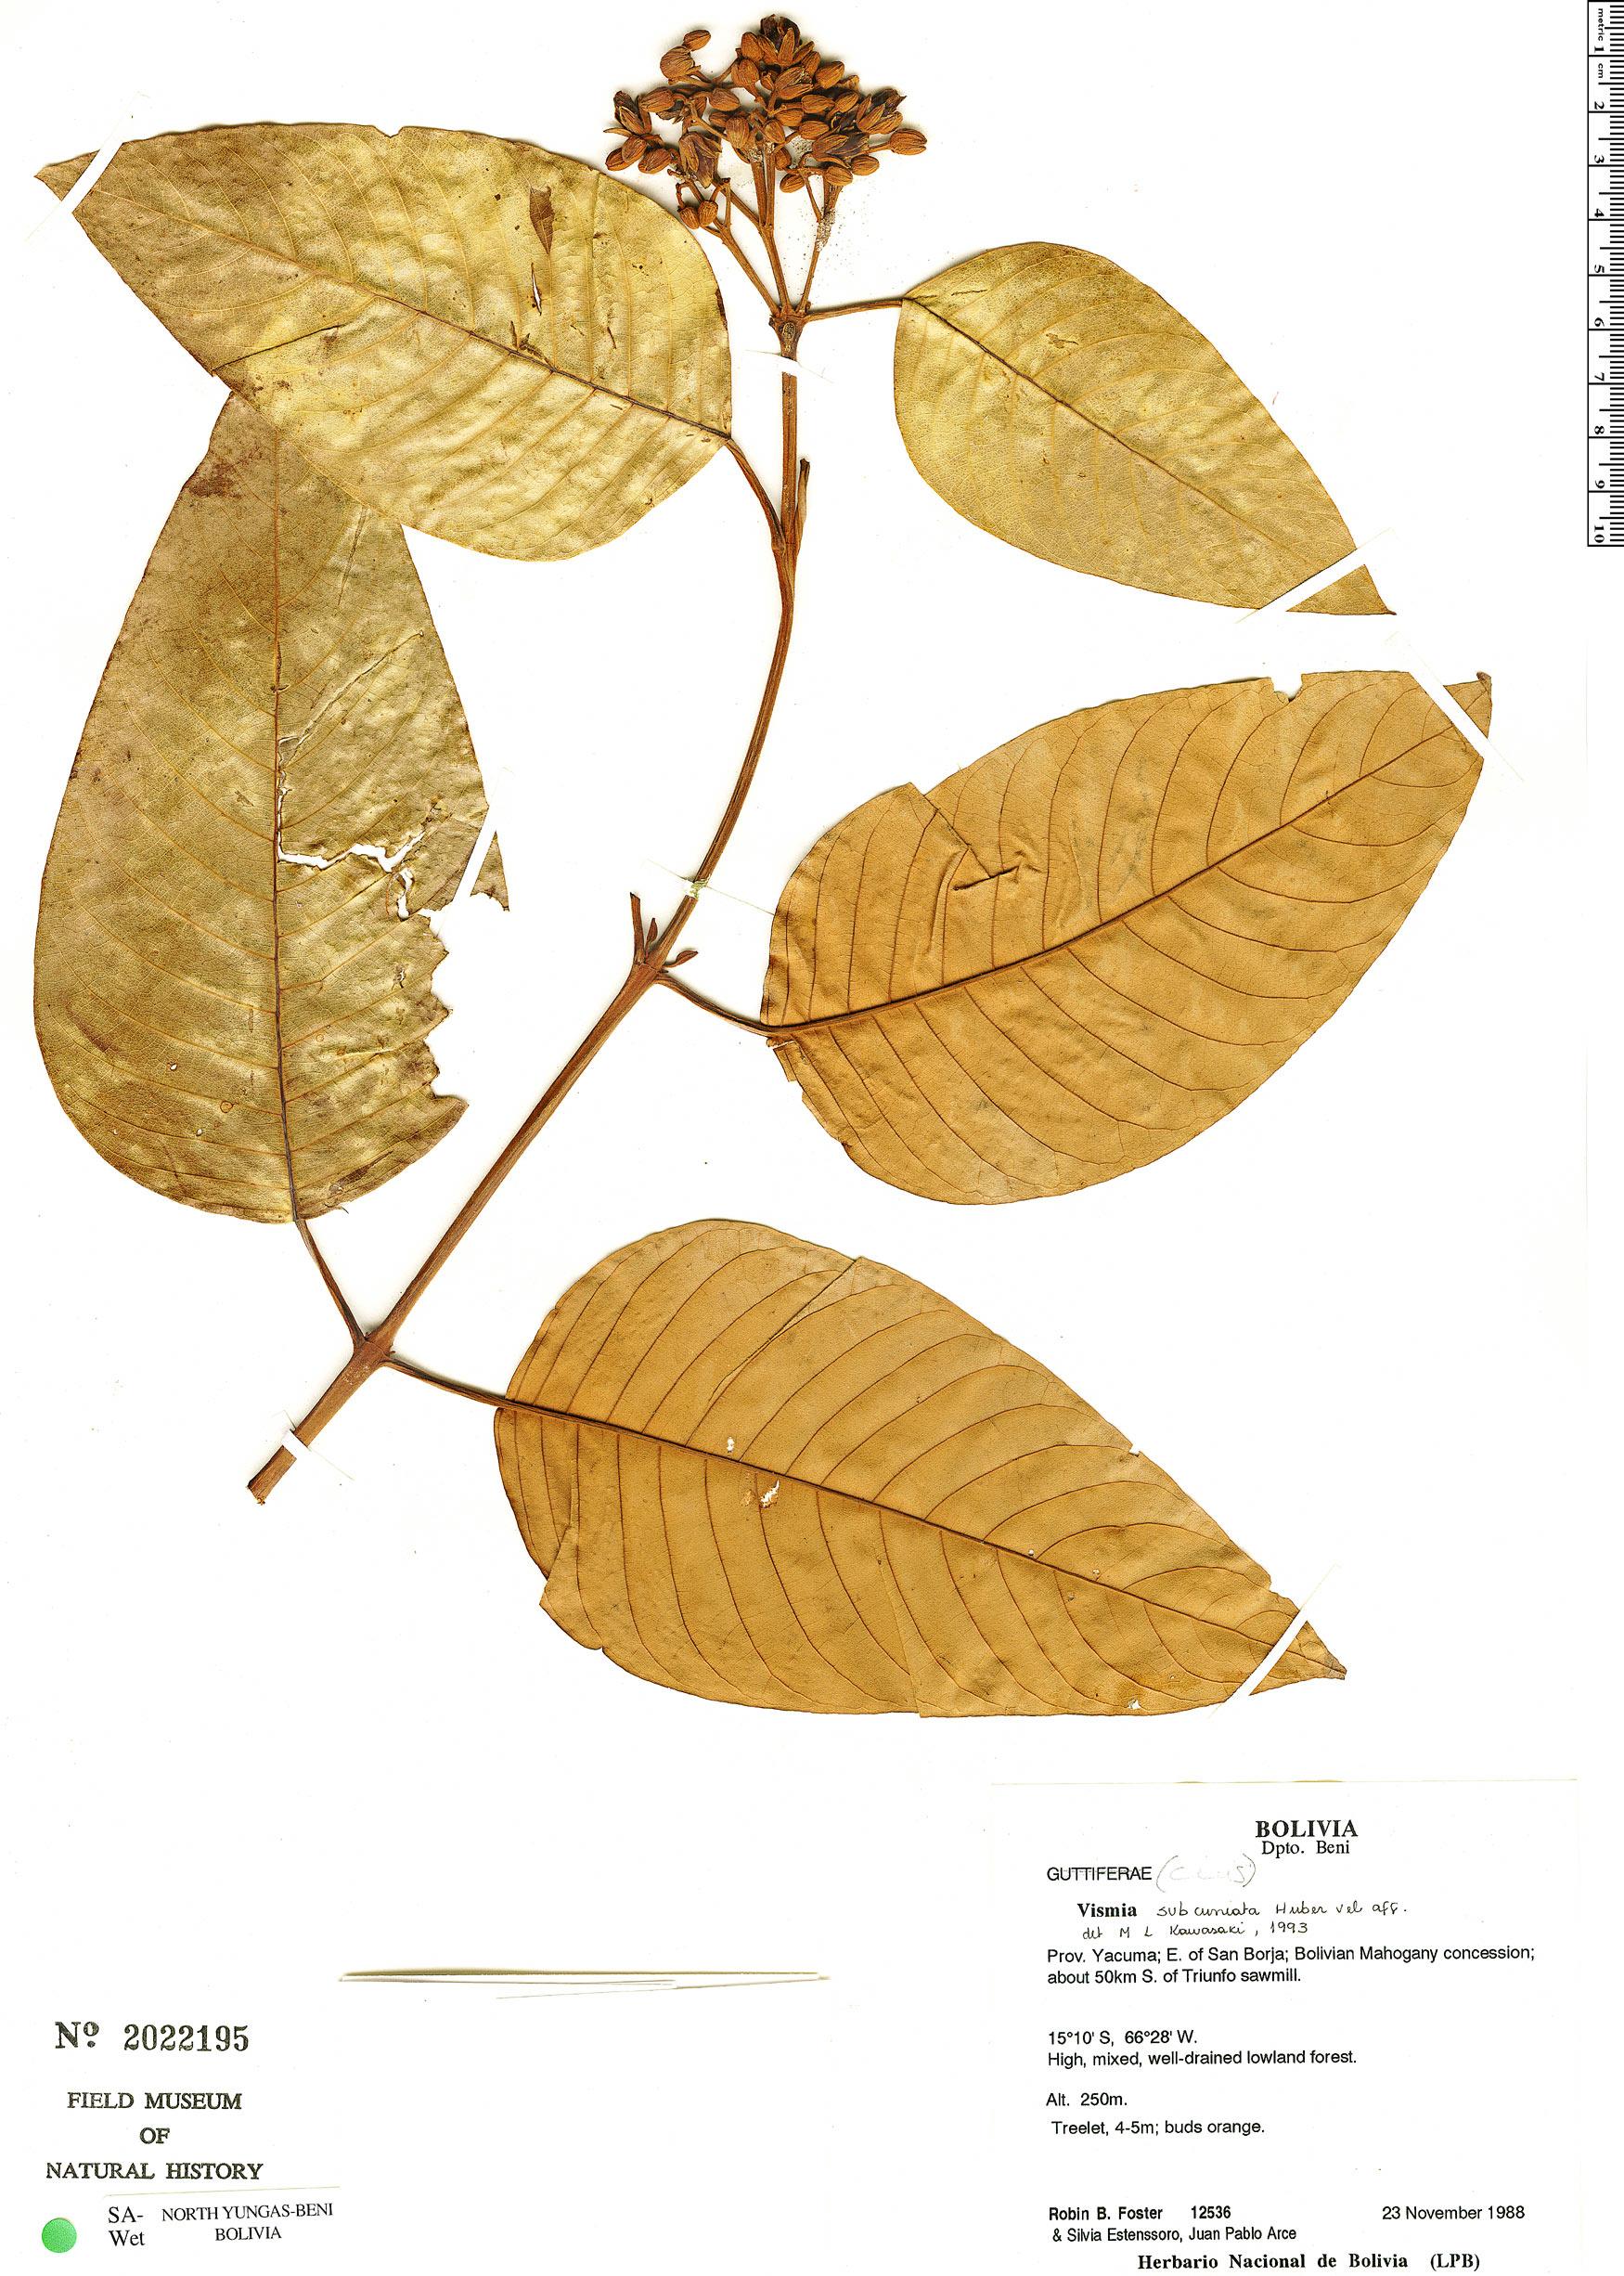 Specimen: Vismia subcuneata